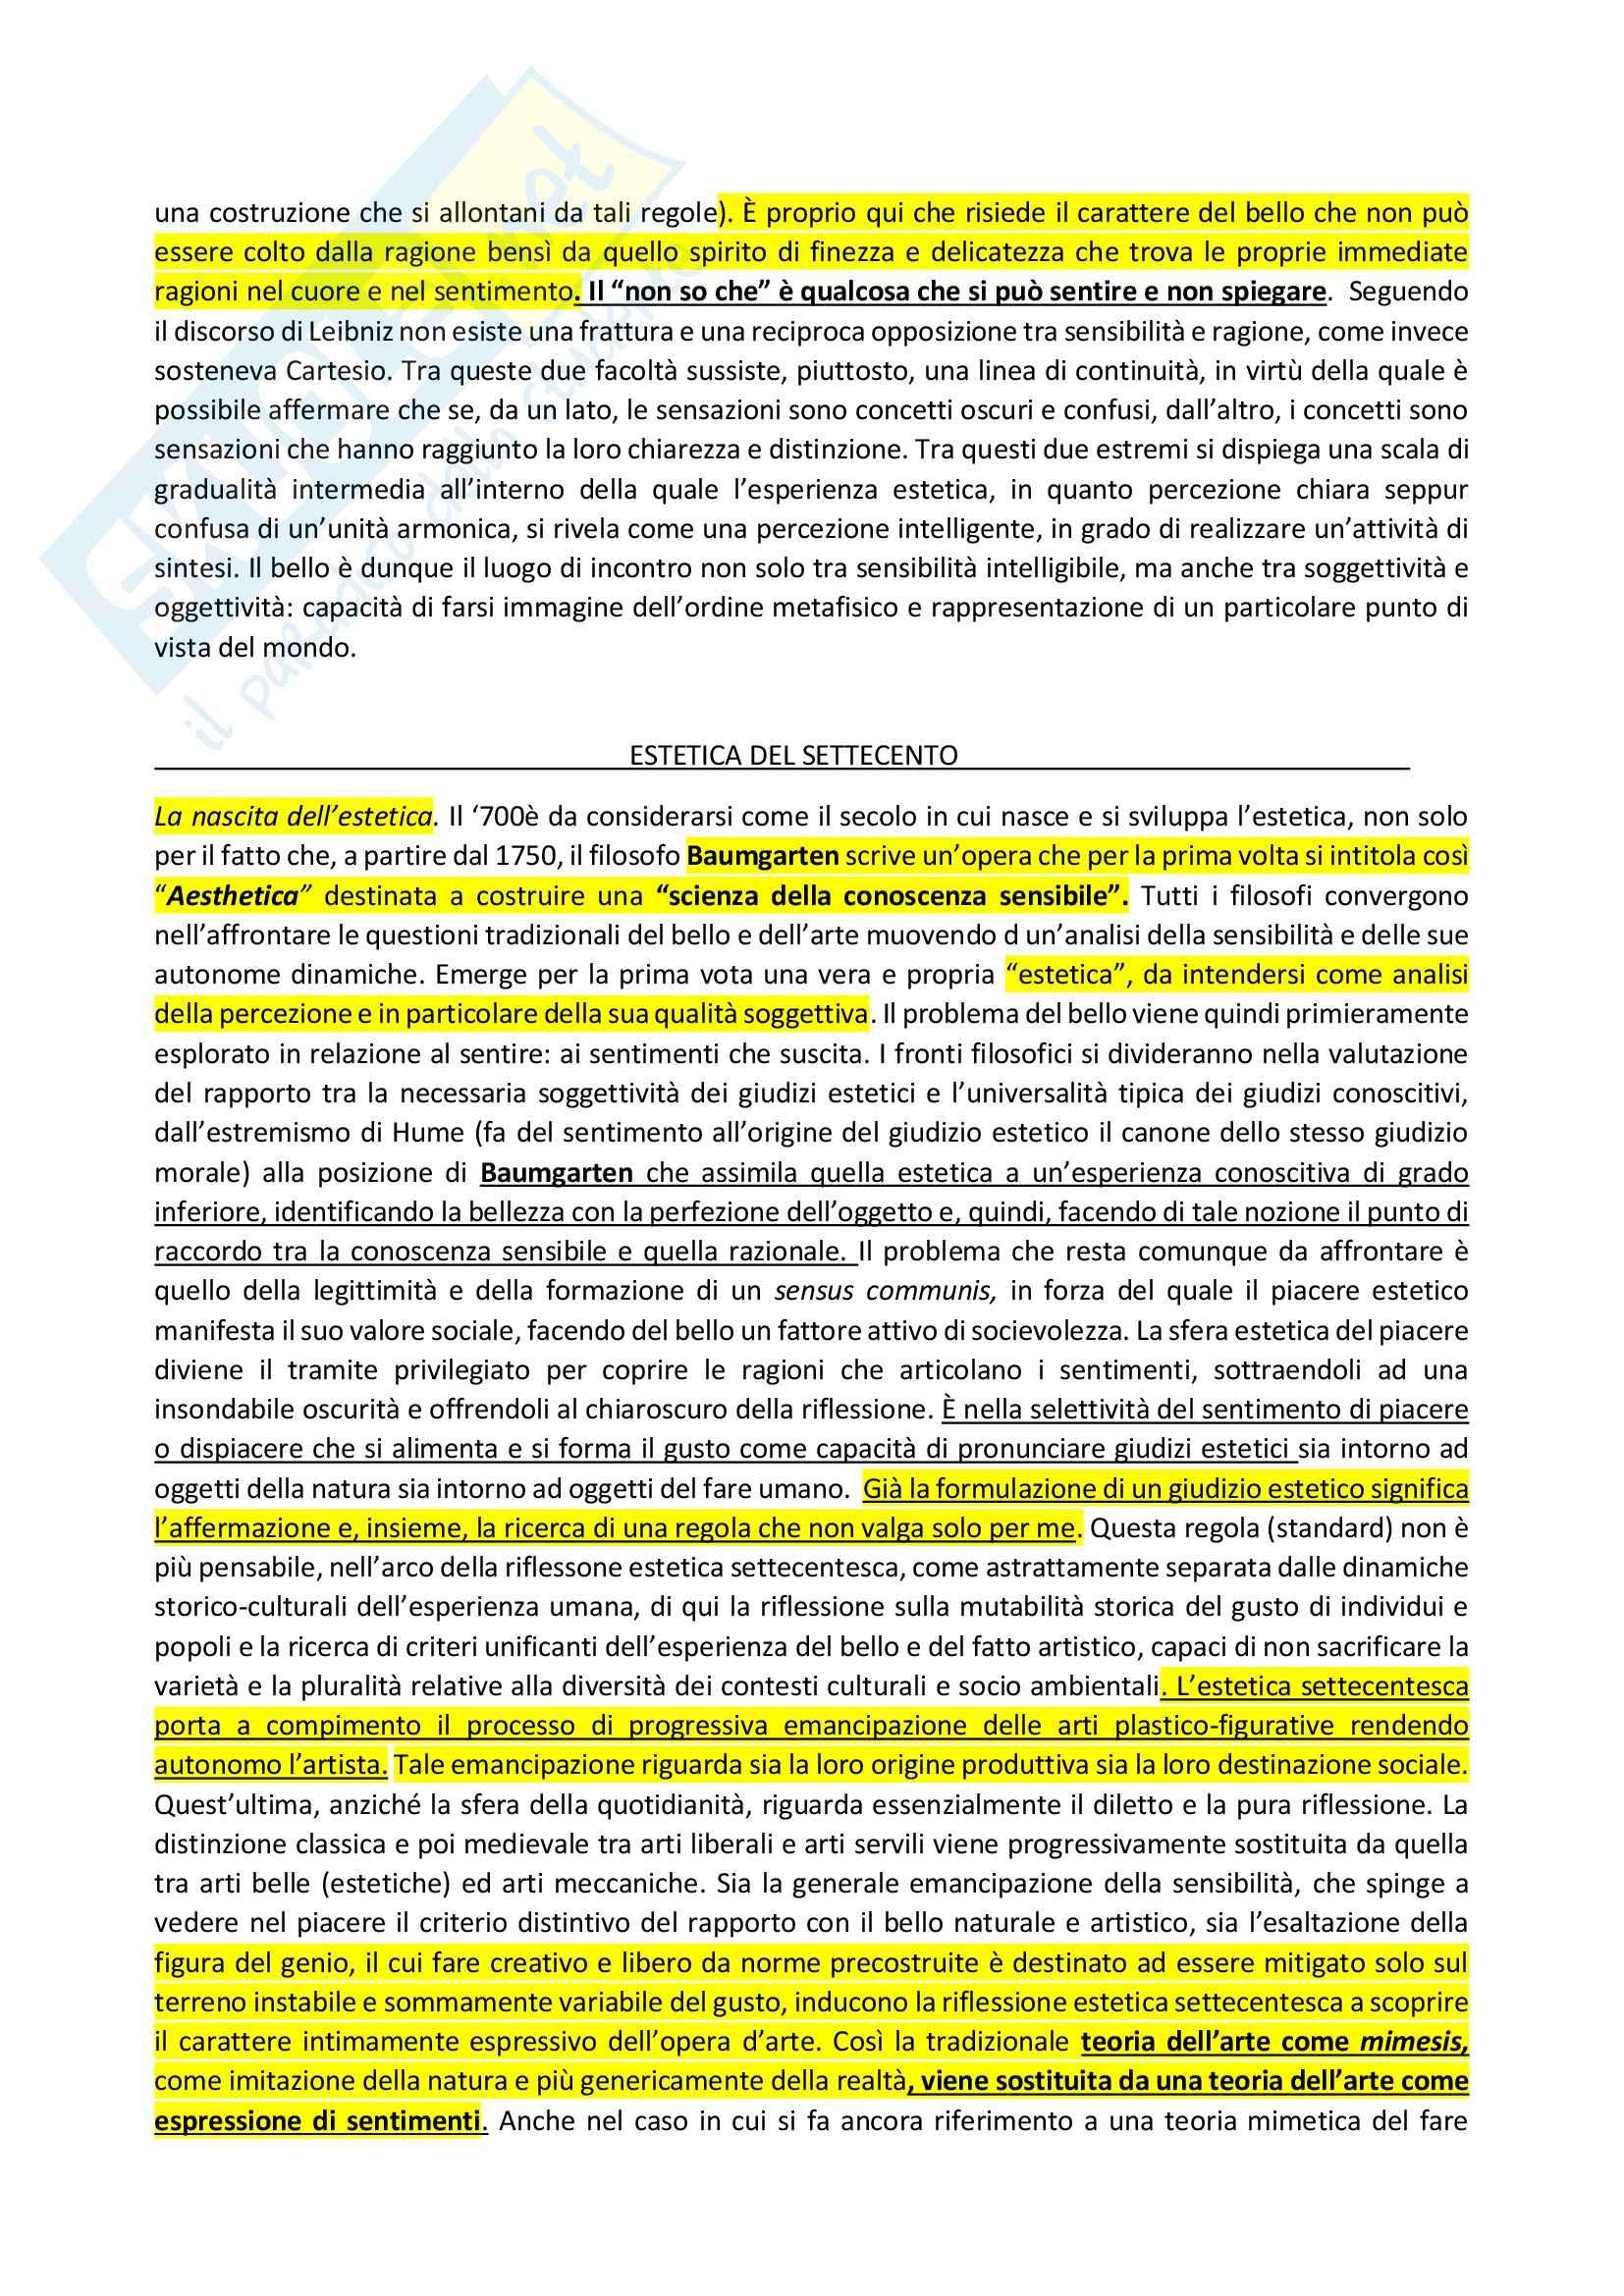 Appunti su storia dell'estetica occidentale Pag. 11